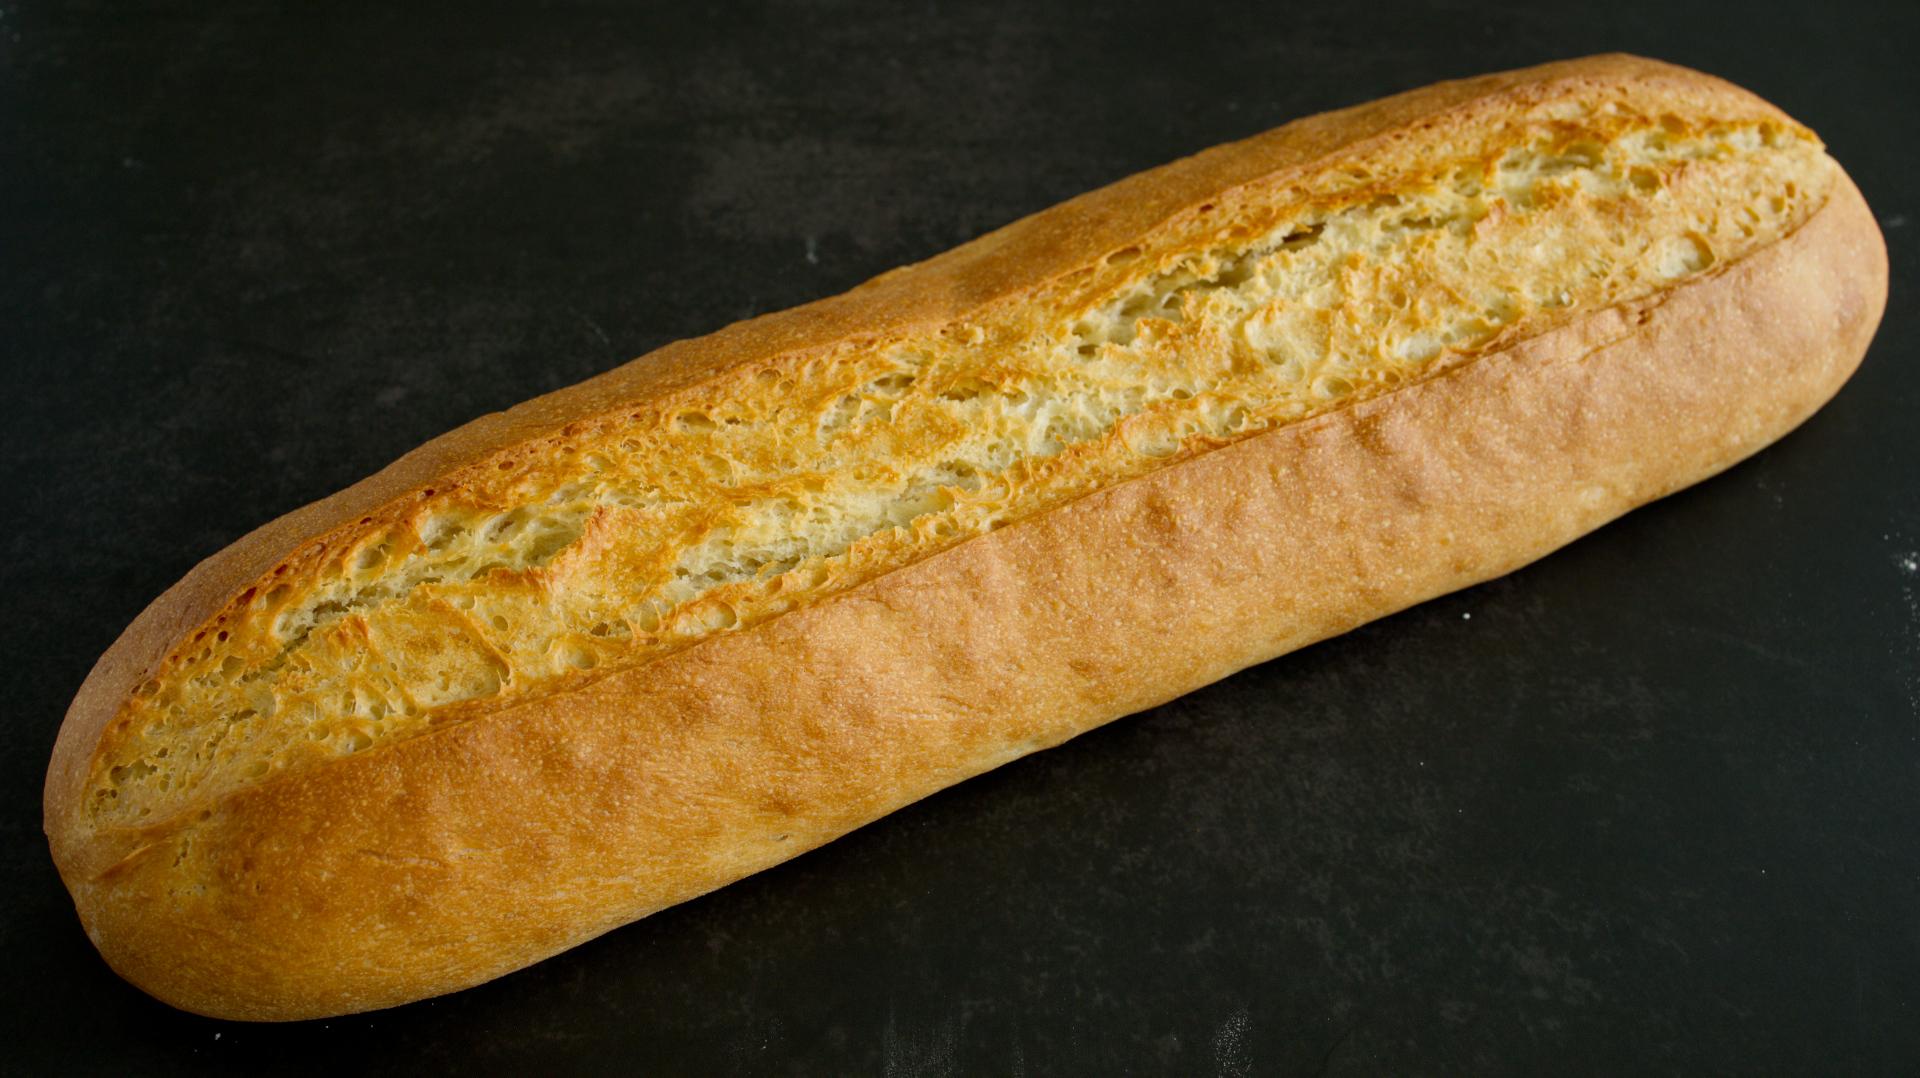 Kubanisches Brot